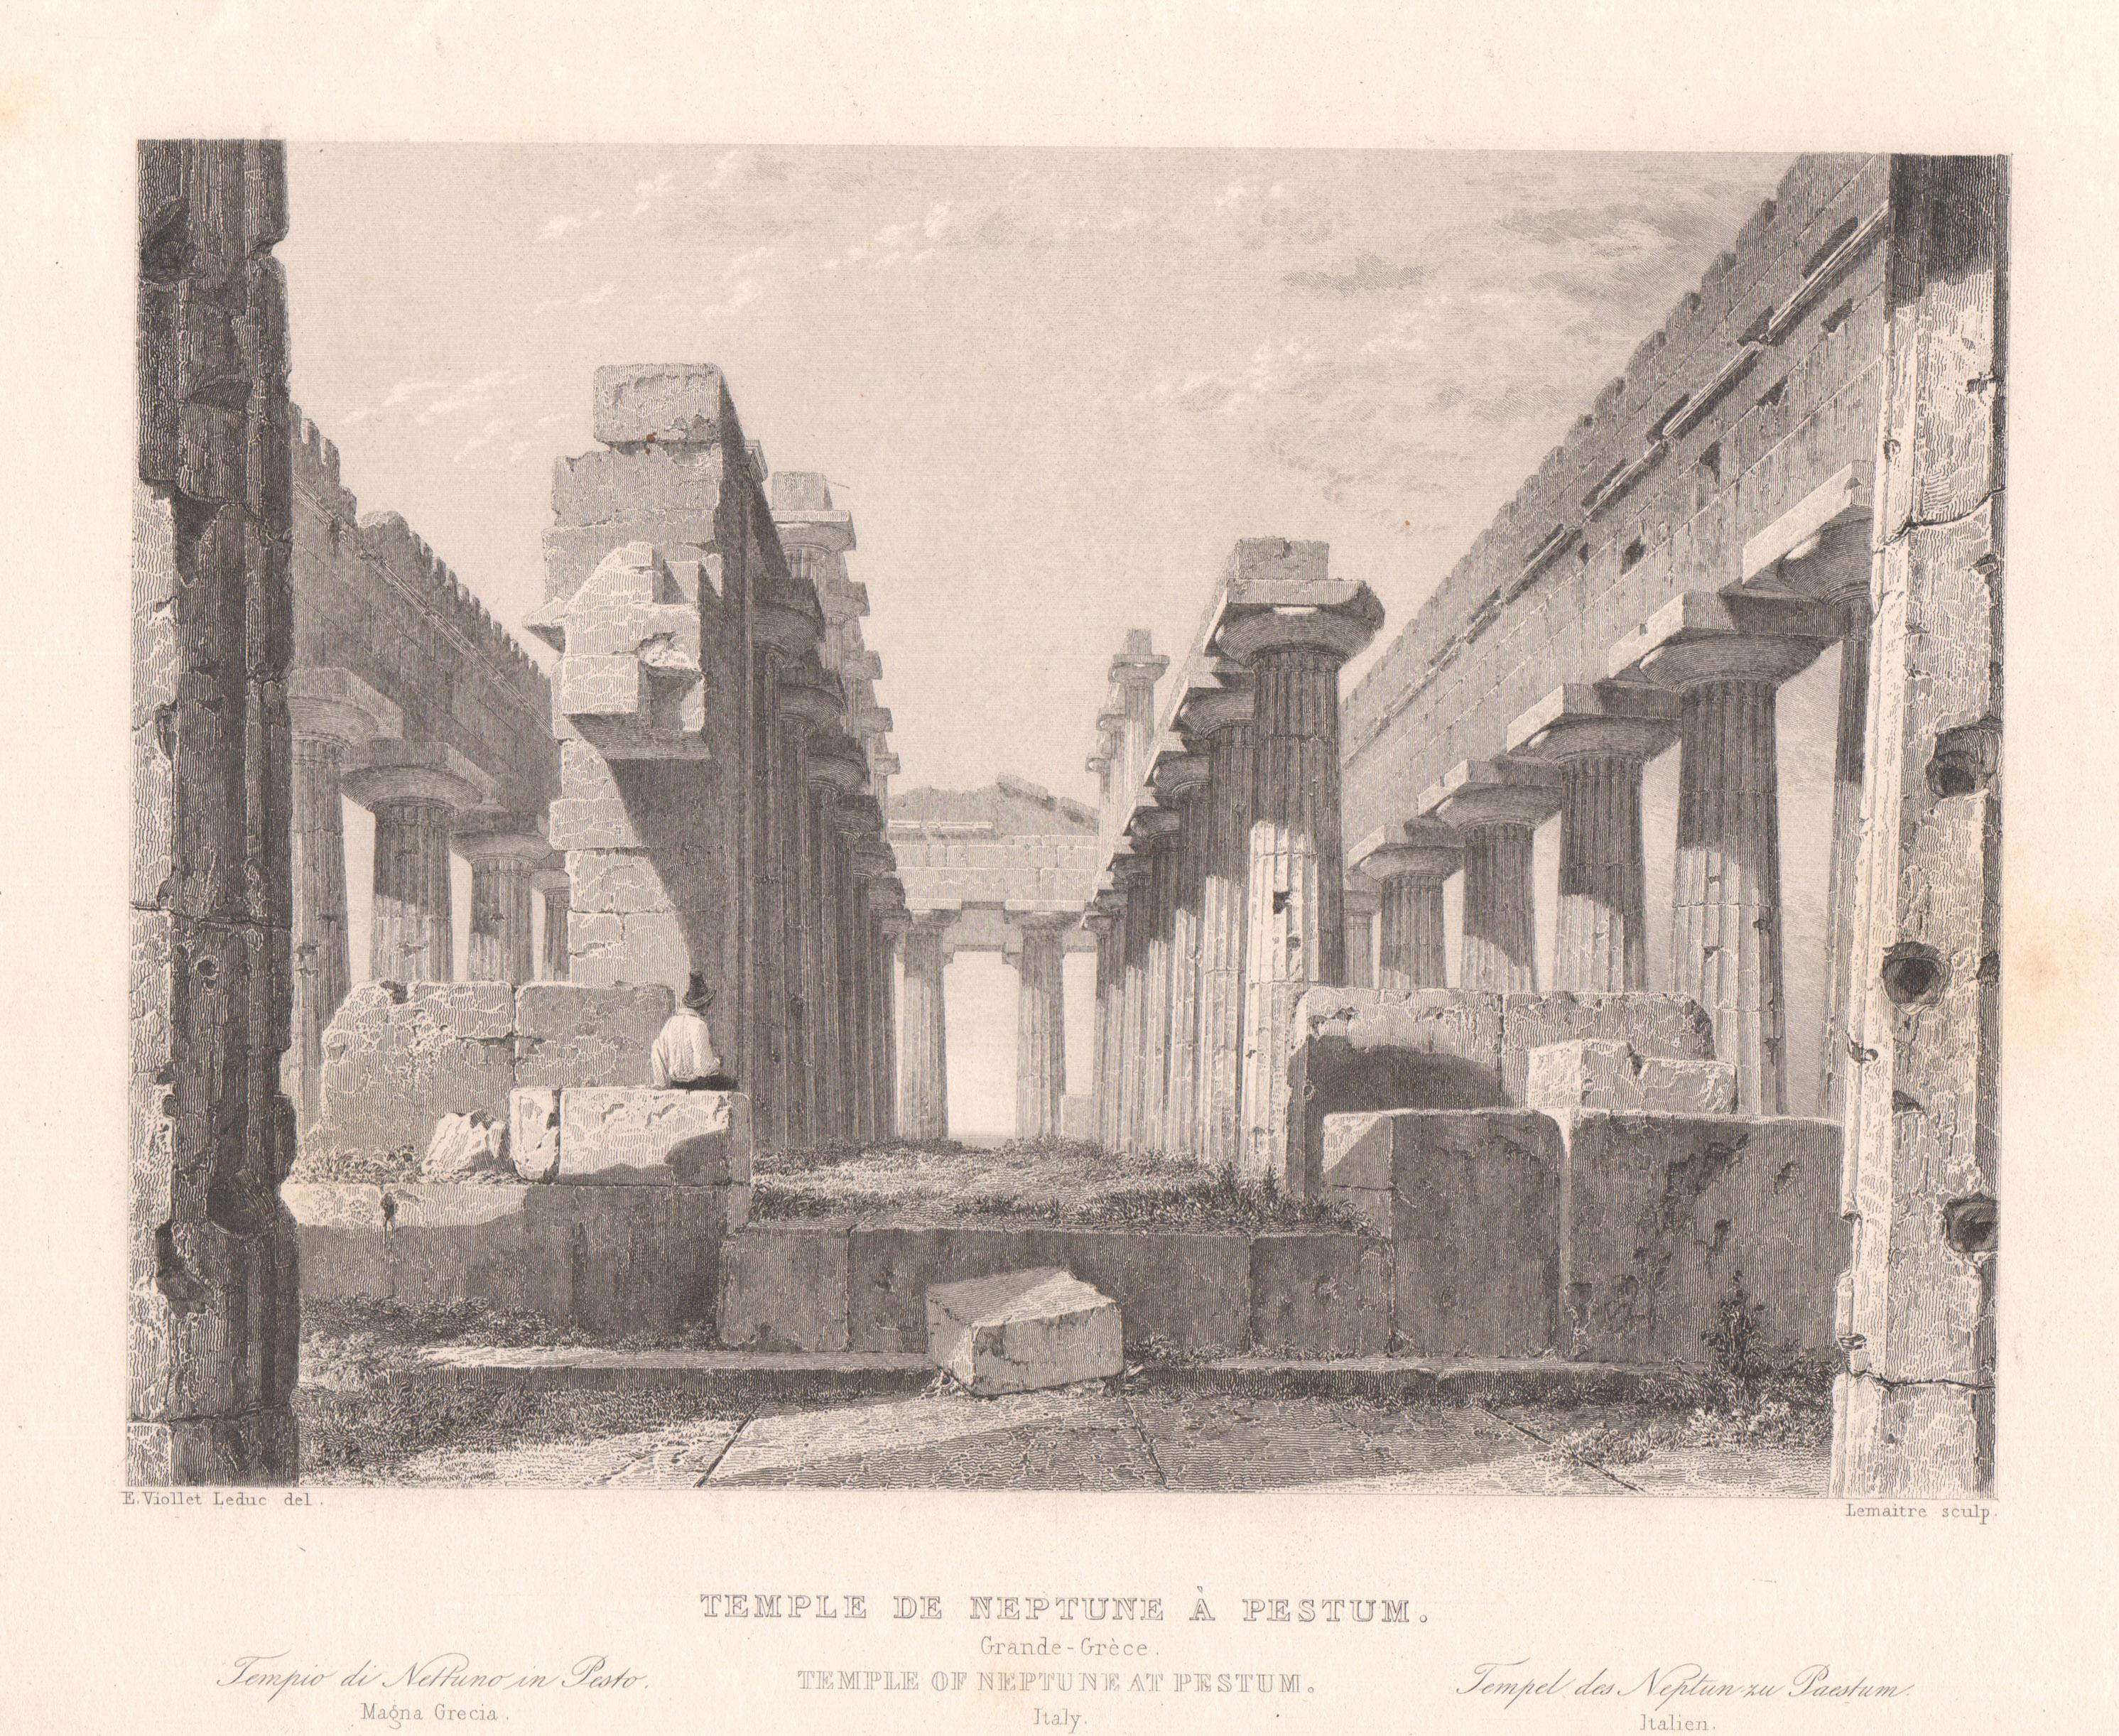 Italy - Antique Monuments - Temple of Neptune at Paestum - Campania